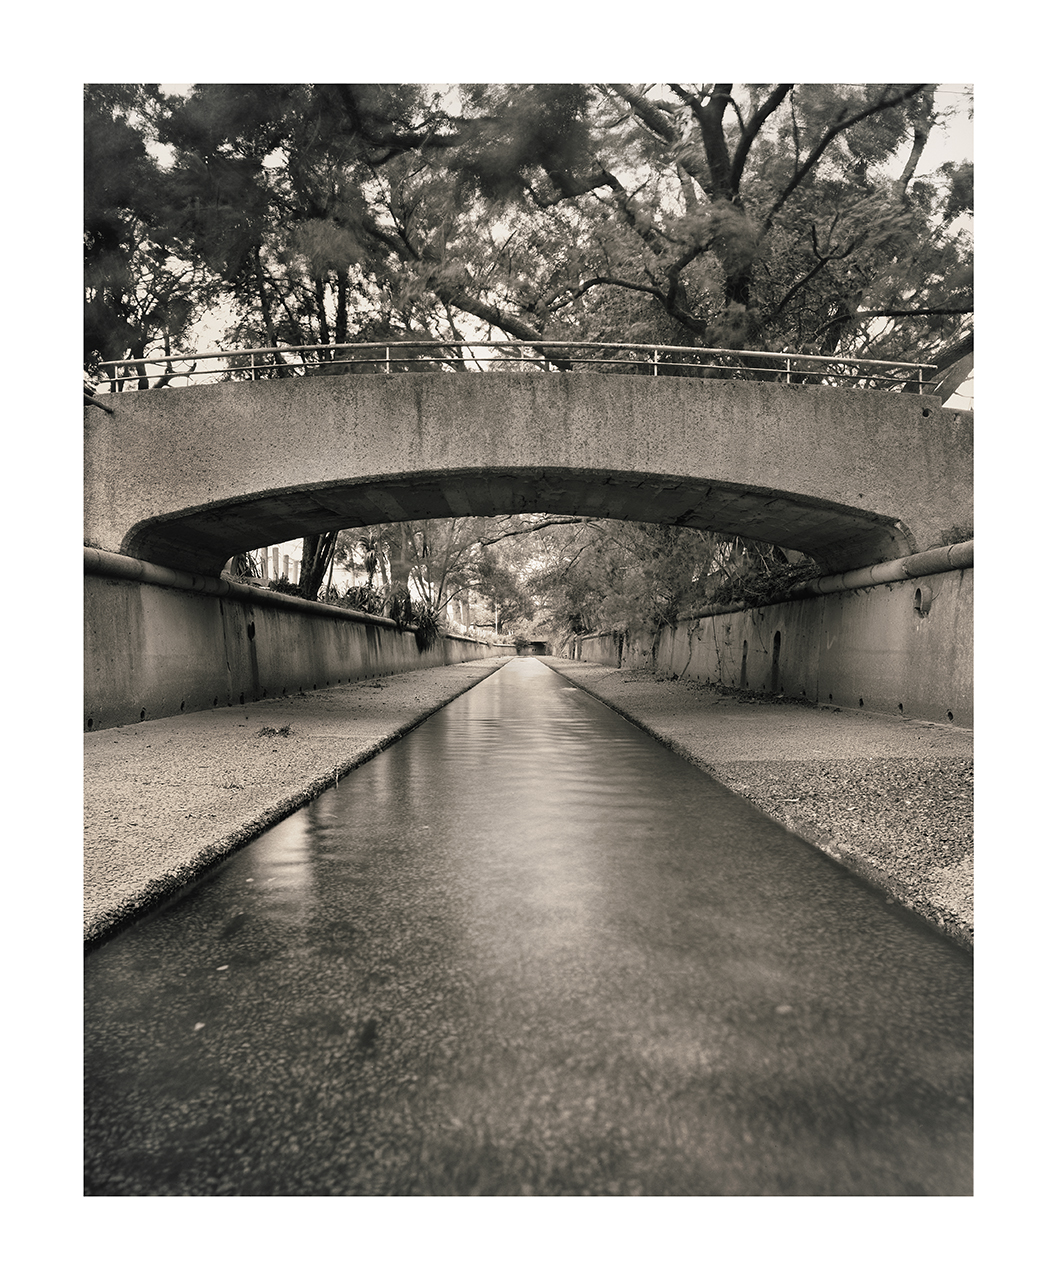 EUGENE_watercourse_2.jpg